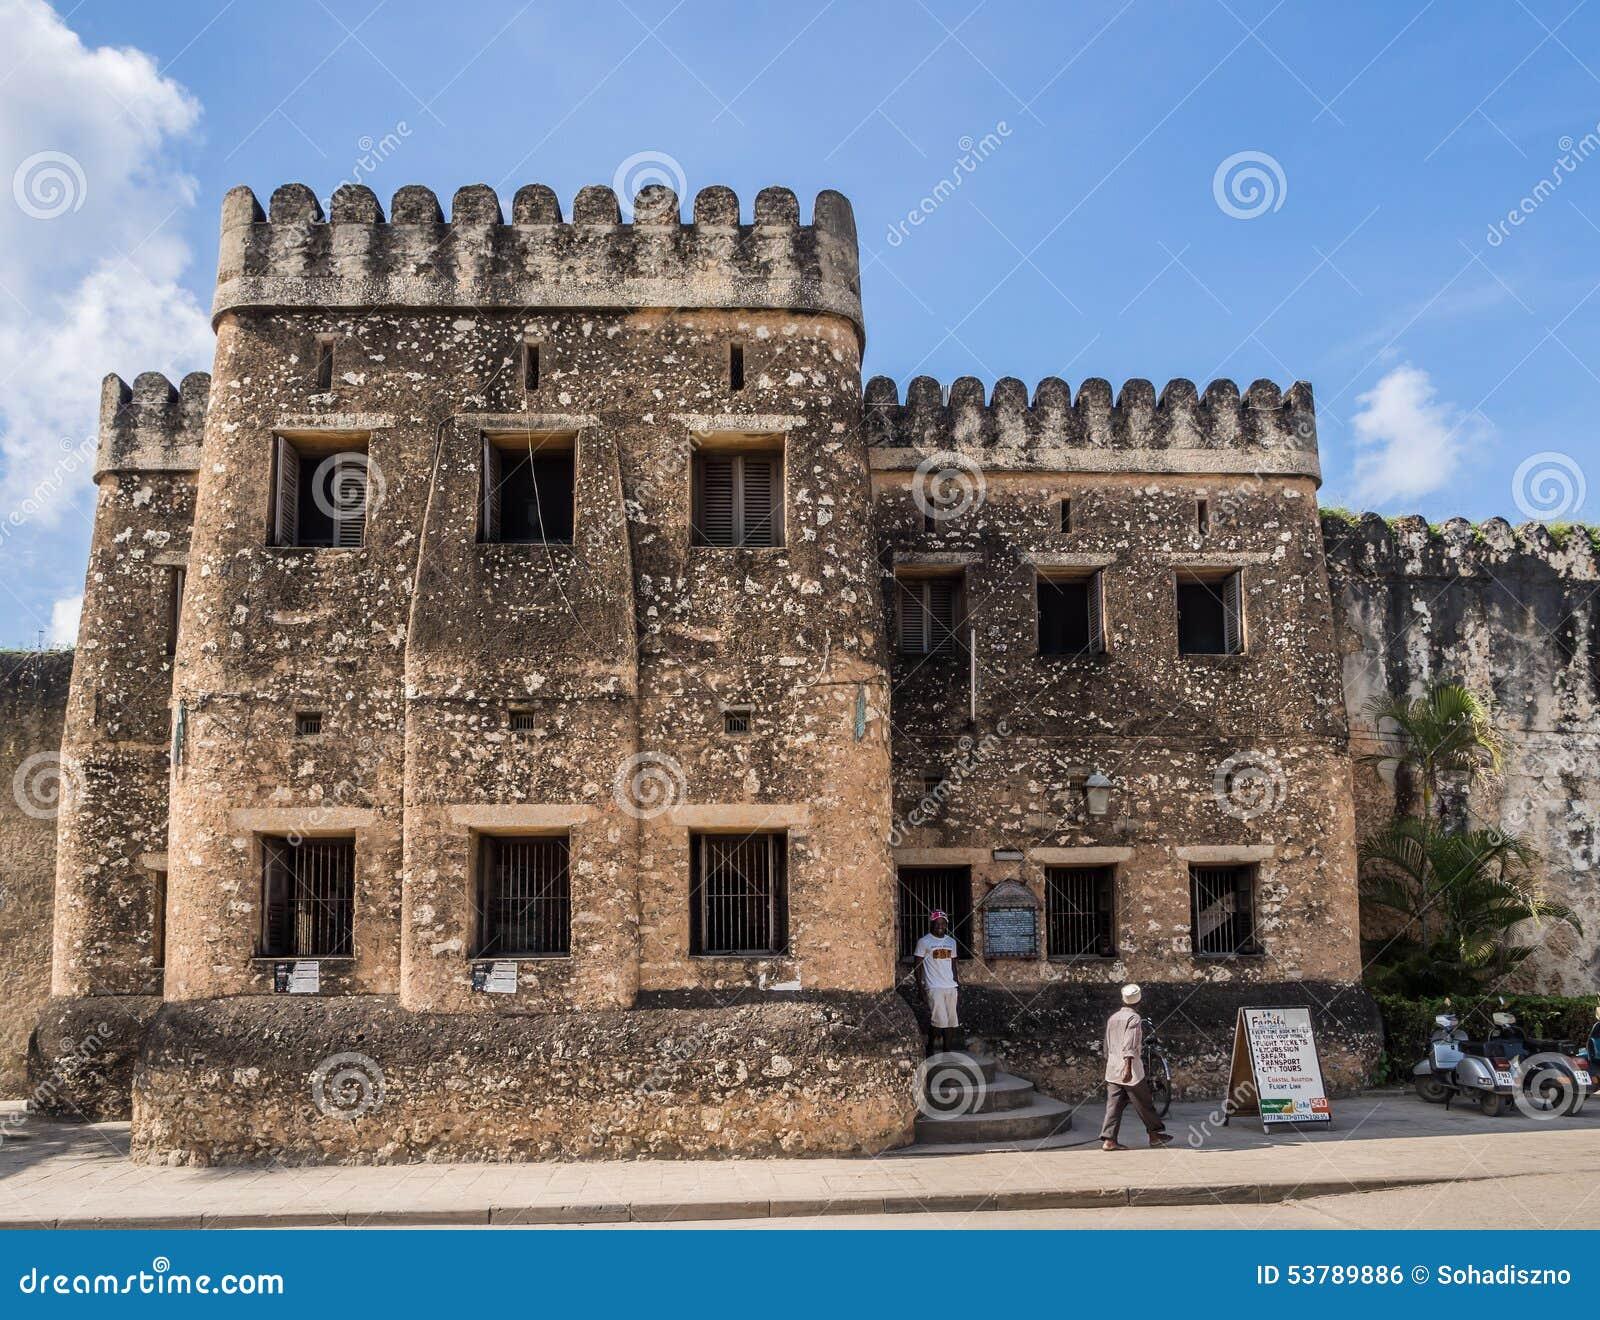 Stary fort w Kamiennym miasteczku, Zanzibar (Ngome Kongwe)